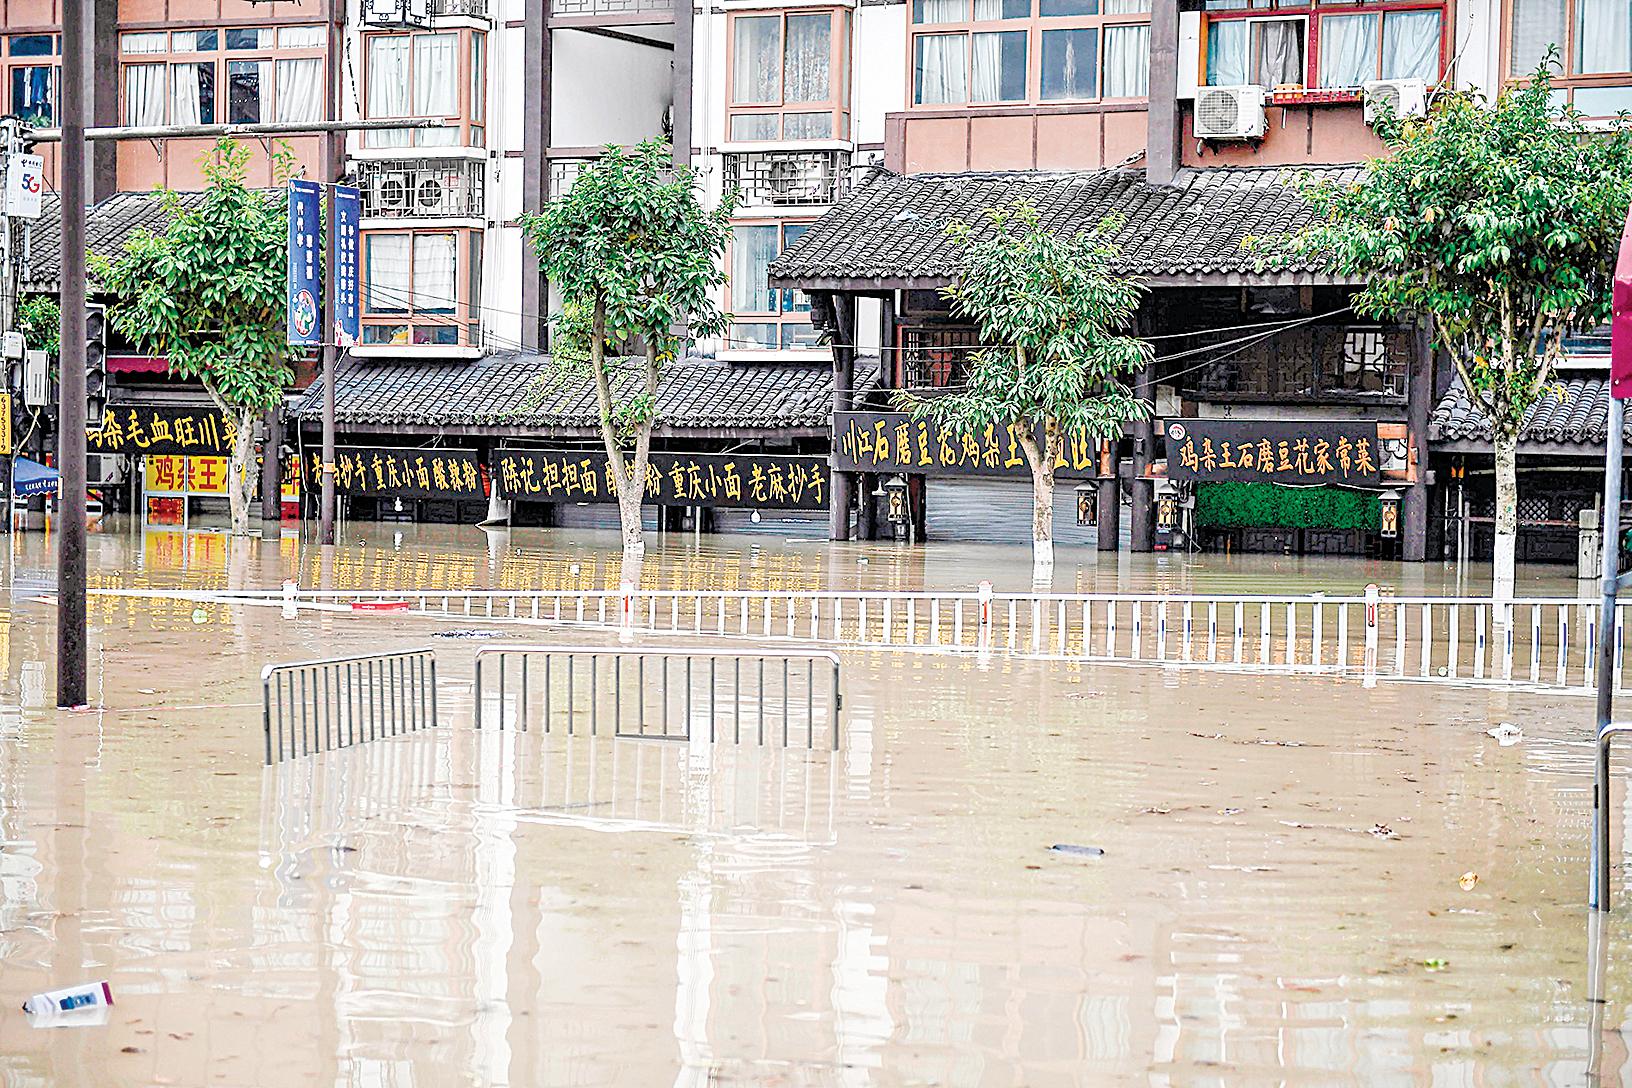 2020年8月19日,洪水漫入重慶,臨街商家被淹,僅剩招牌露出水面。(Photo by STR/AFP via Getty Images)